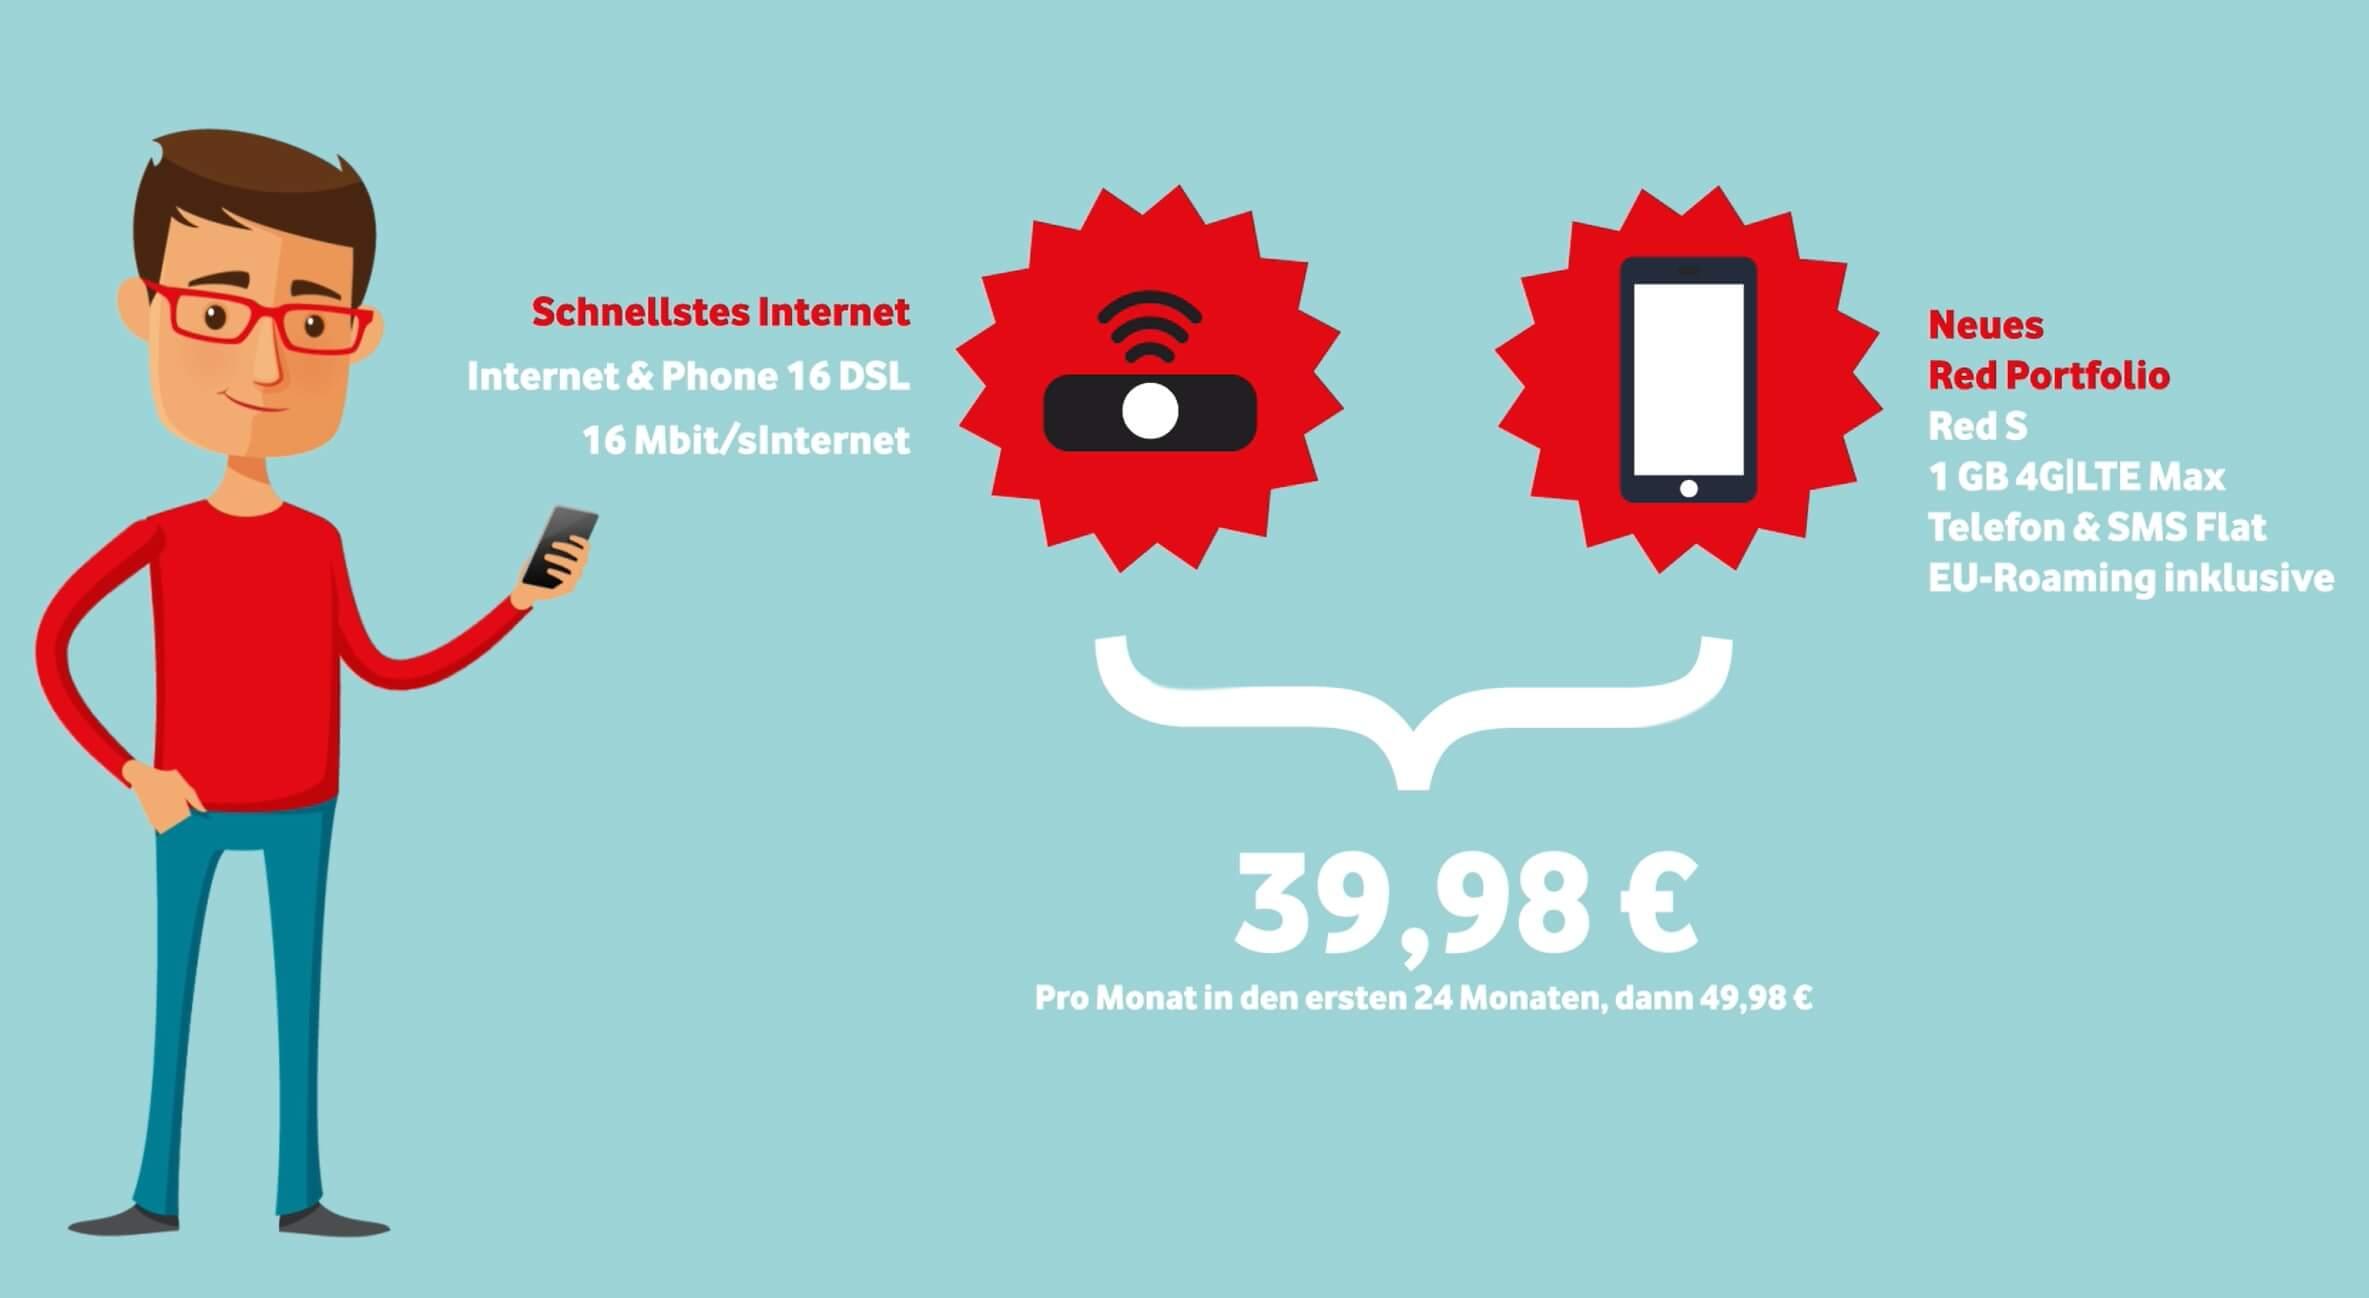 GigaKombi Vertrag für 39,98€ DSL Zuhause + Simkarte Komplettangebot